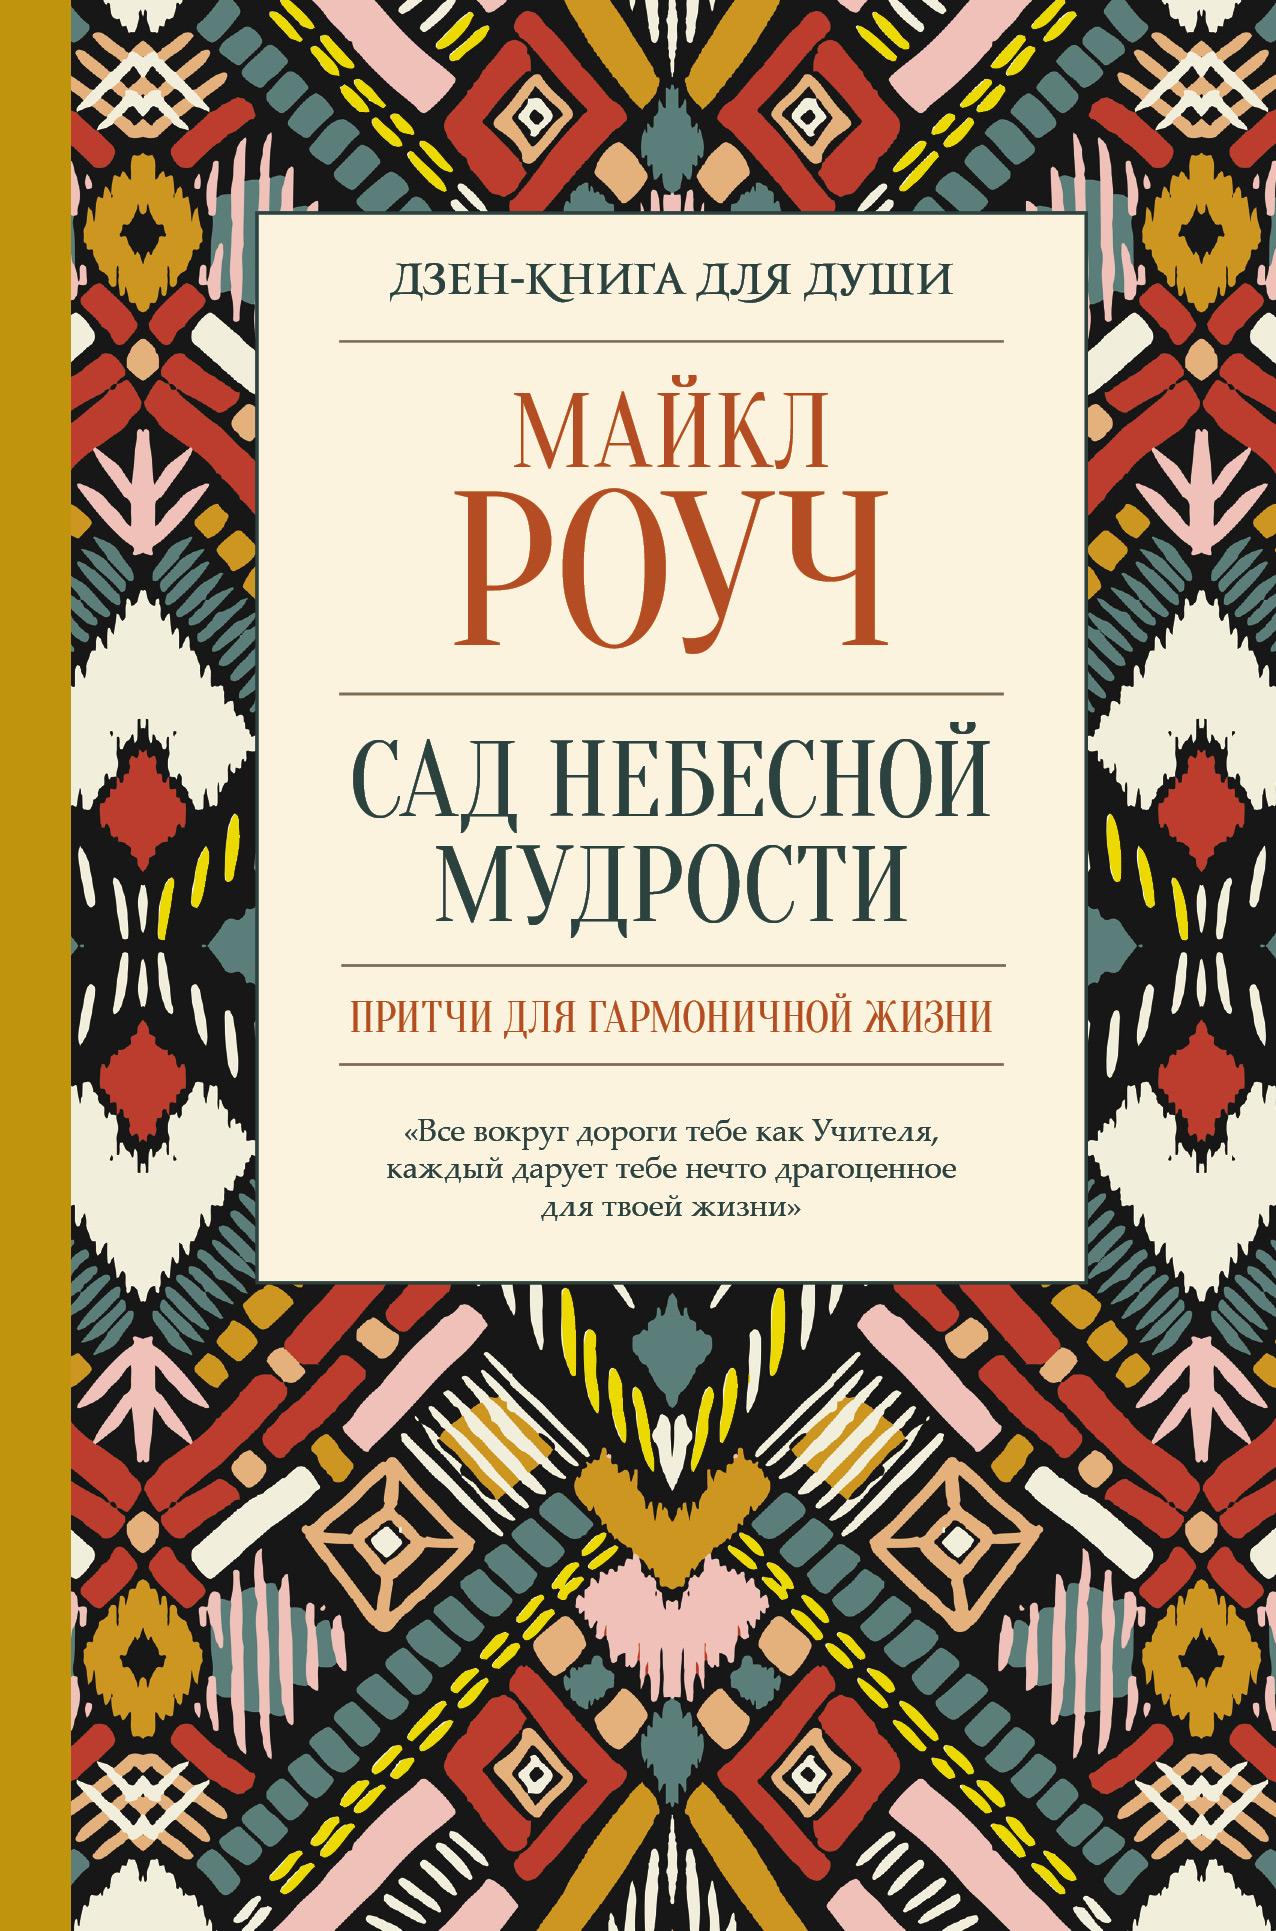 Купить книгу Сад небесной мудрости: притчи для гармоничной жизни, автора Майкла Роуча